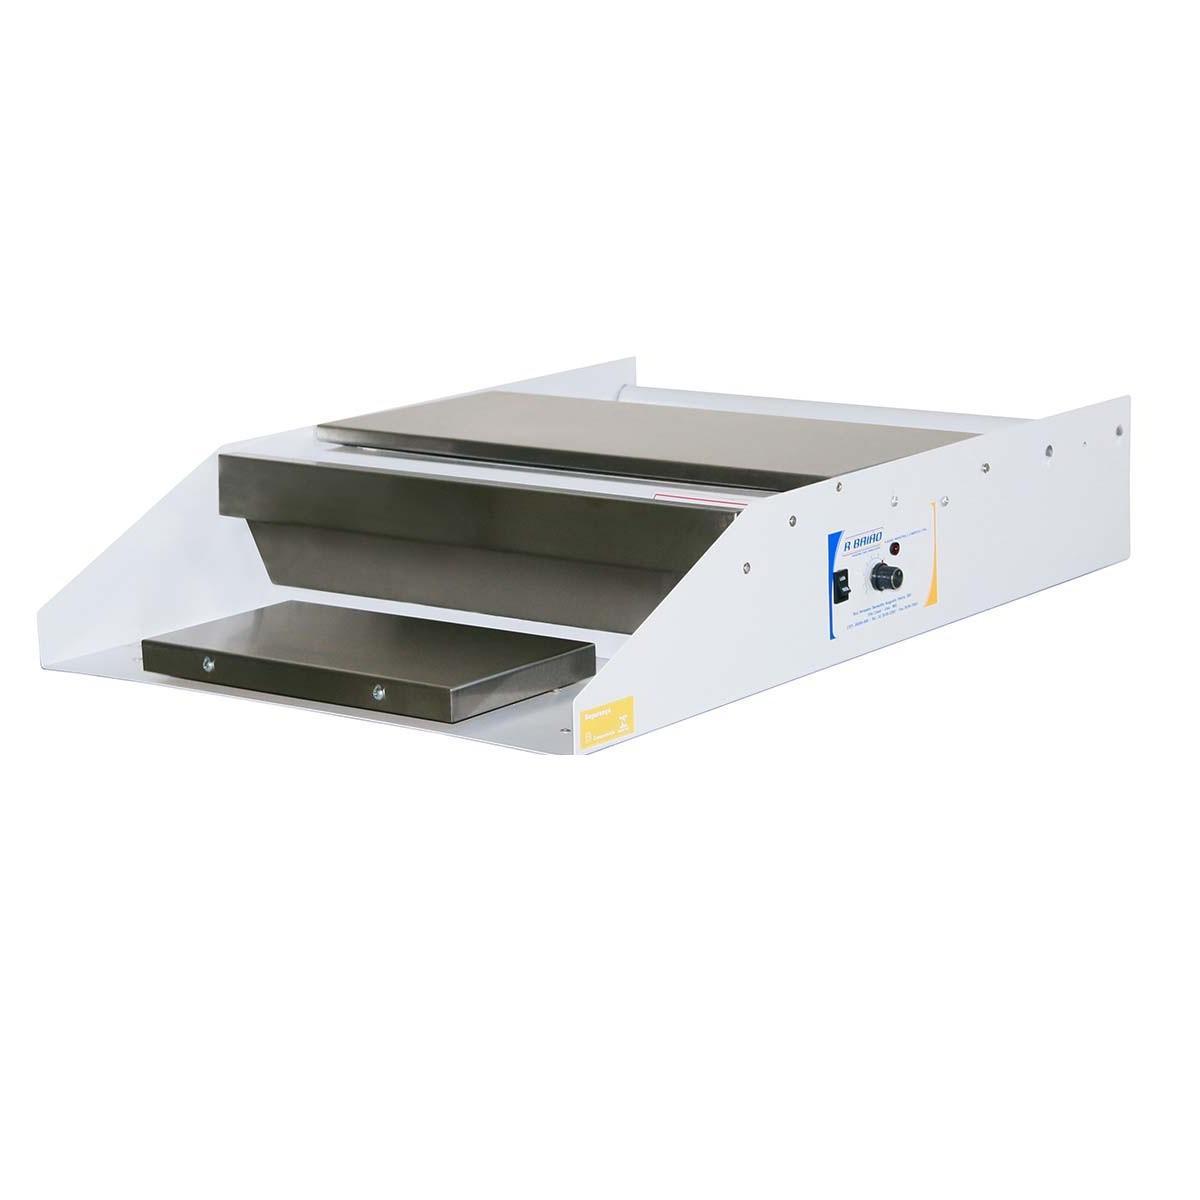 Embaladora para Filmes EMBALAFIL Standard 1 controle 12901 R.Baião